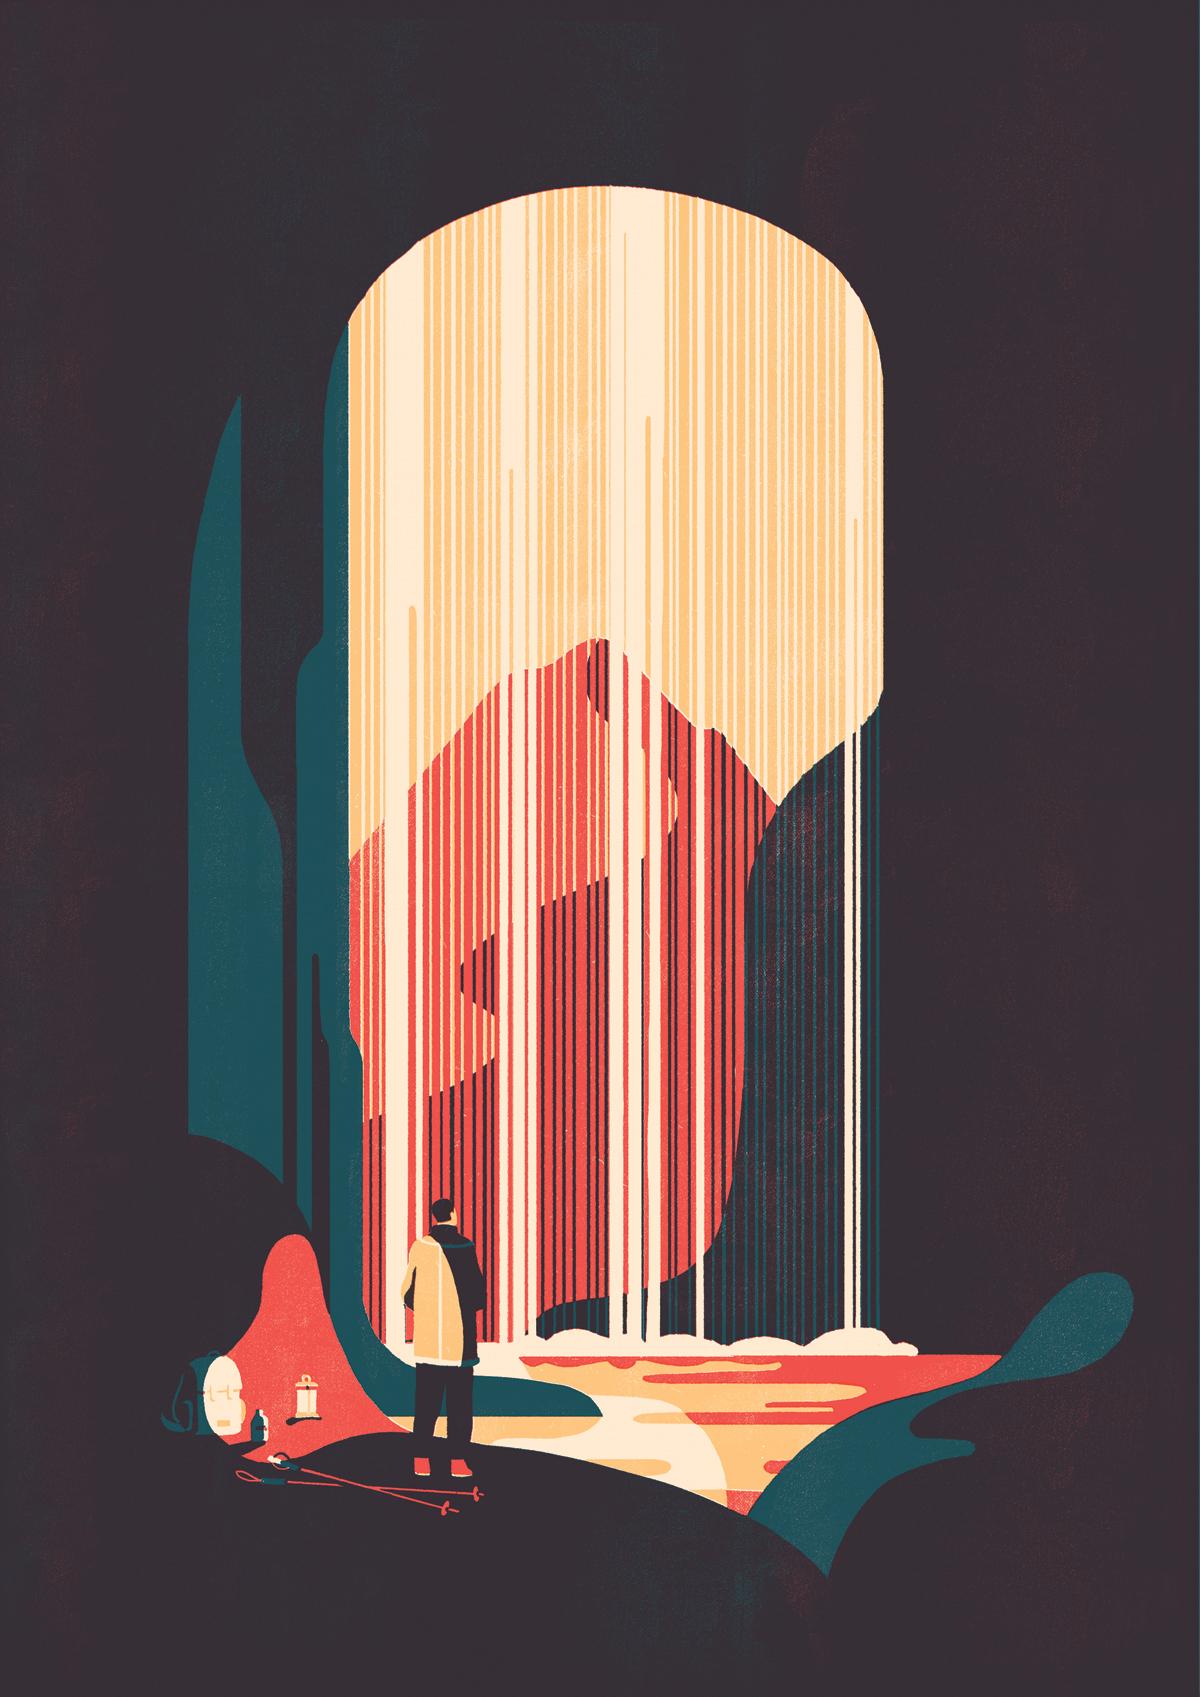 Le illustrazioni essenziali ed eleganti di Tom Haugomat | Collater.al